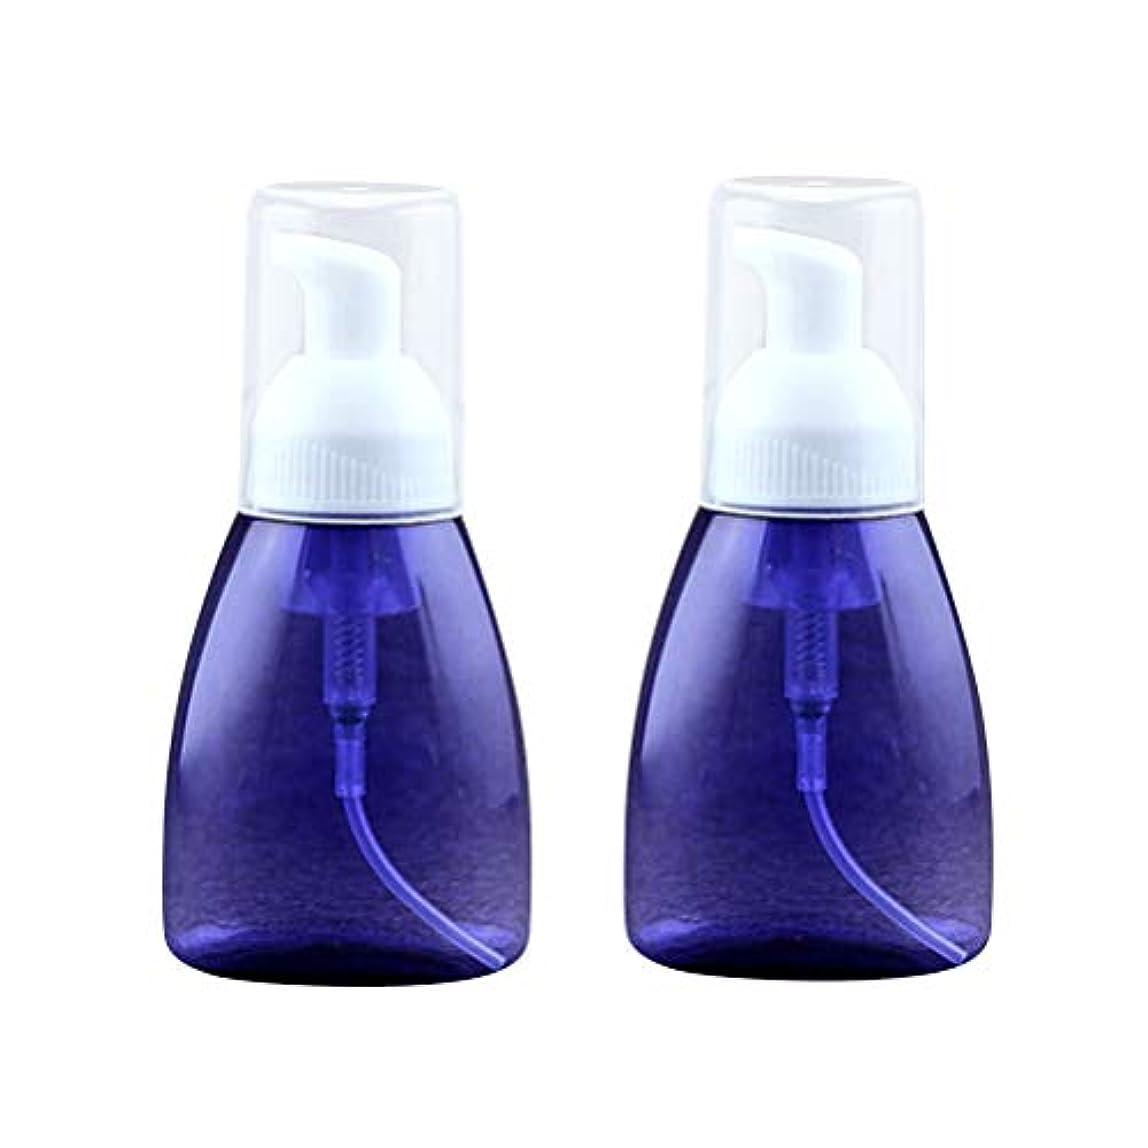 センターピストンシングルSUPVOX 2本発泡ソープディスペンサー詰め替え式プラスチックローションボトル泡ハンドポンプ空のボトル容器クリアトラベルトイレタリーボトル用液体シャンプー80ml(ブルー)